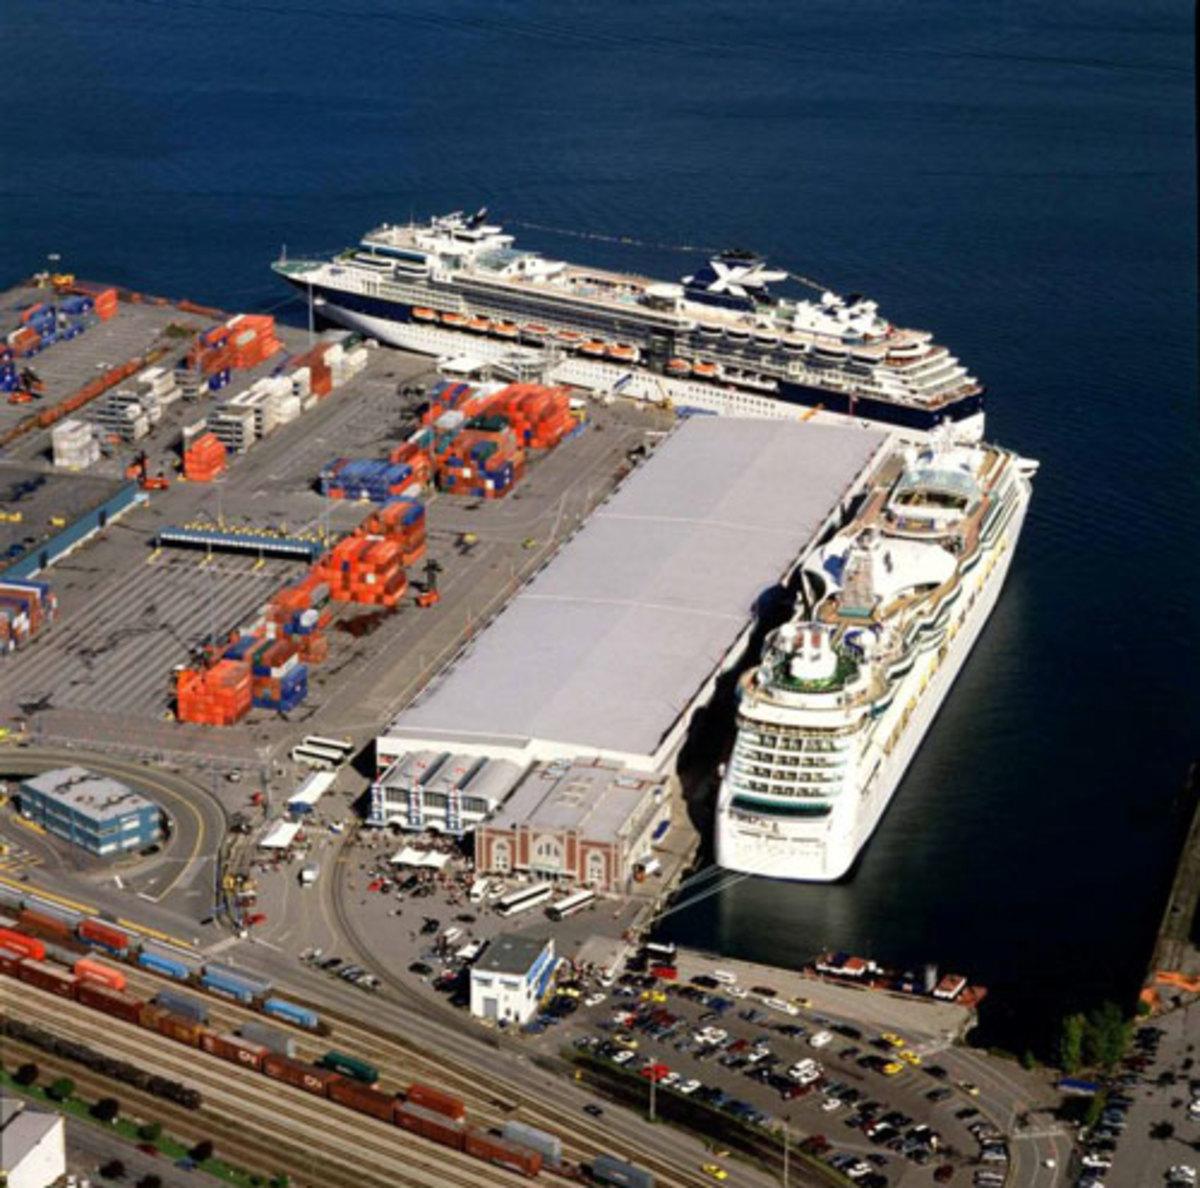 Ballantyne Cruise Terminal